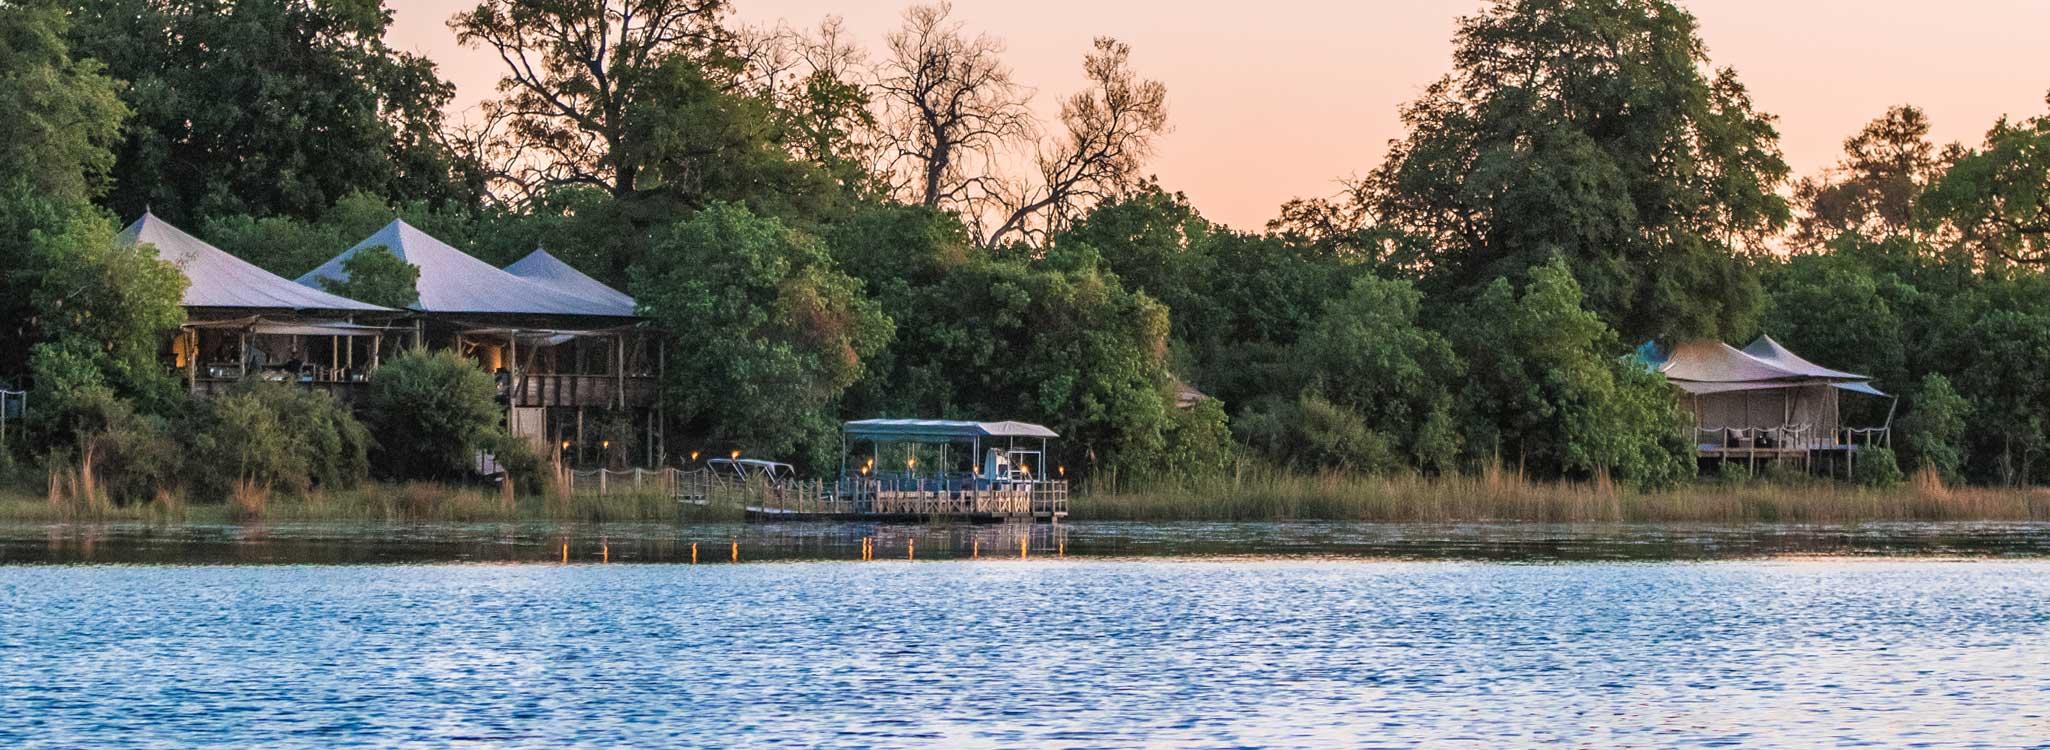 Botswana Safari River Okavango Delta